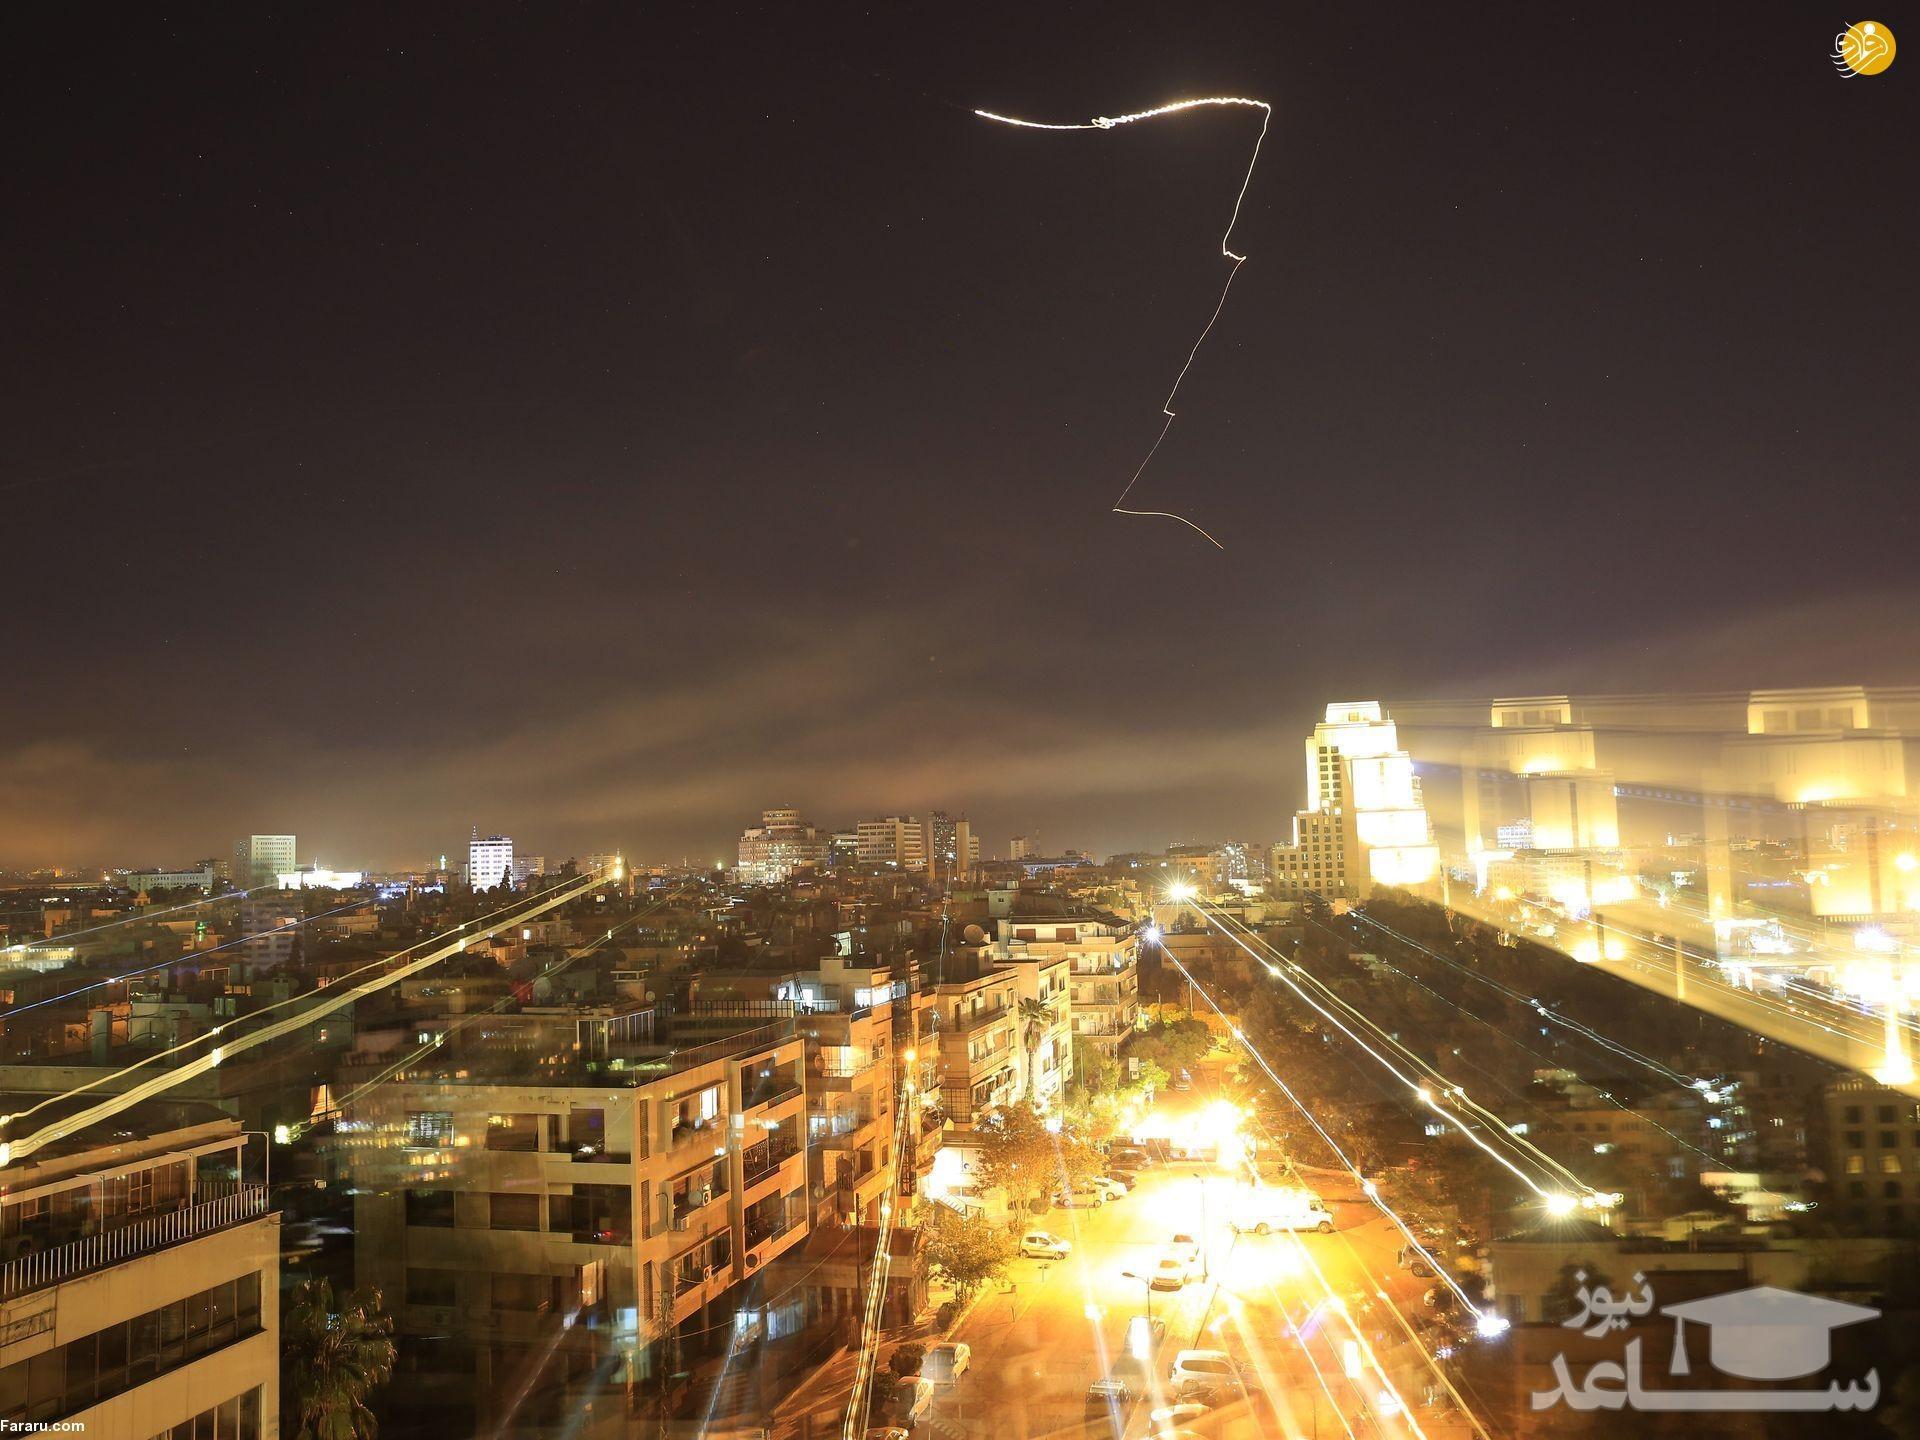 مردم سوریه پس از حمله نظامی آمریکا/عکس